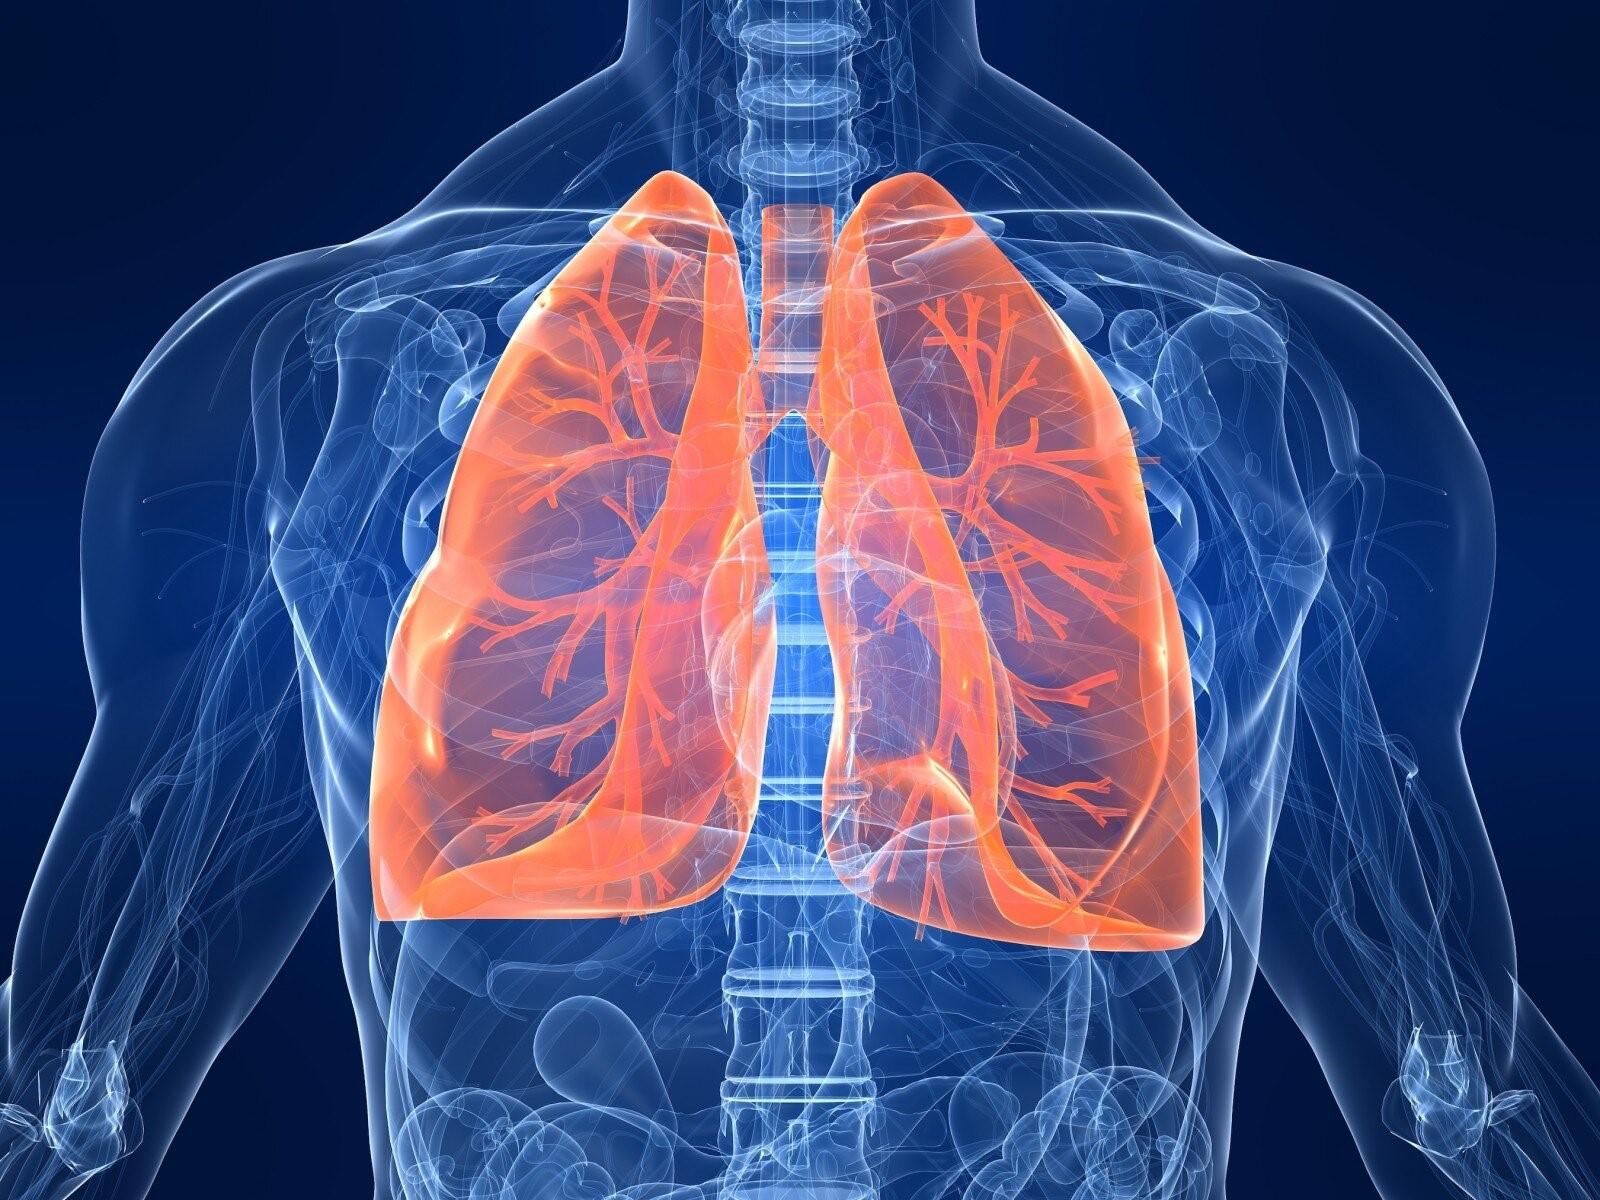 إيقاف تلف الرئة المميت من الانفلونزا ببروتين بشري طبيعي